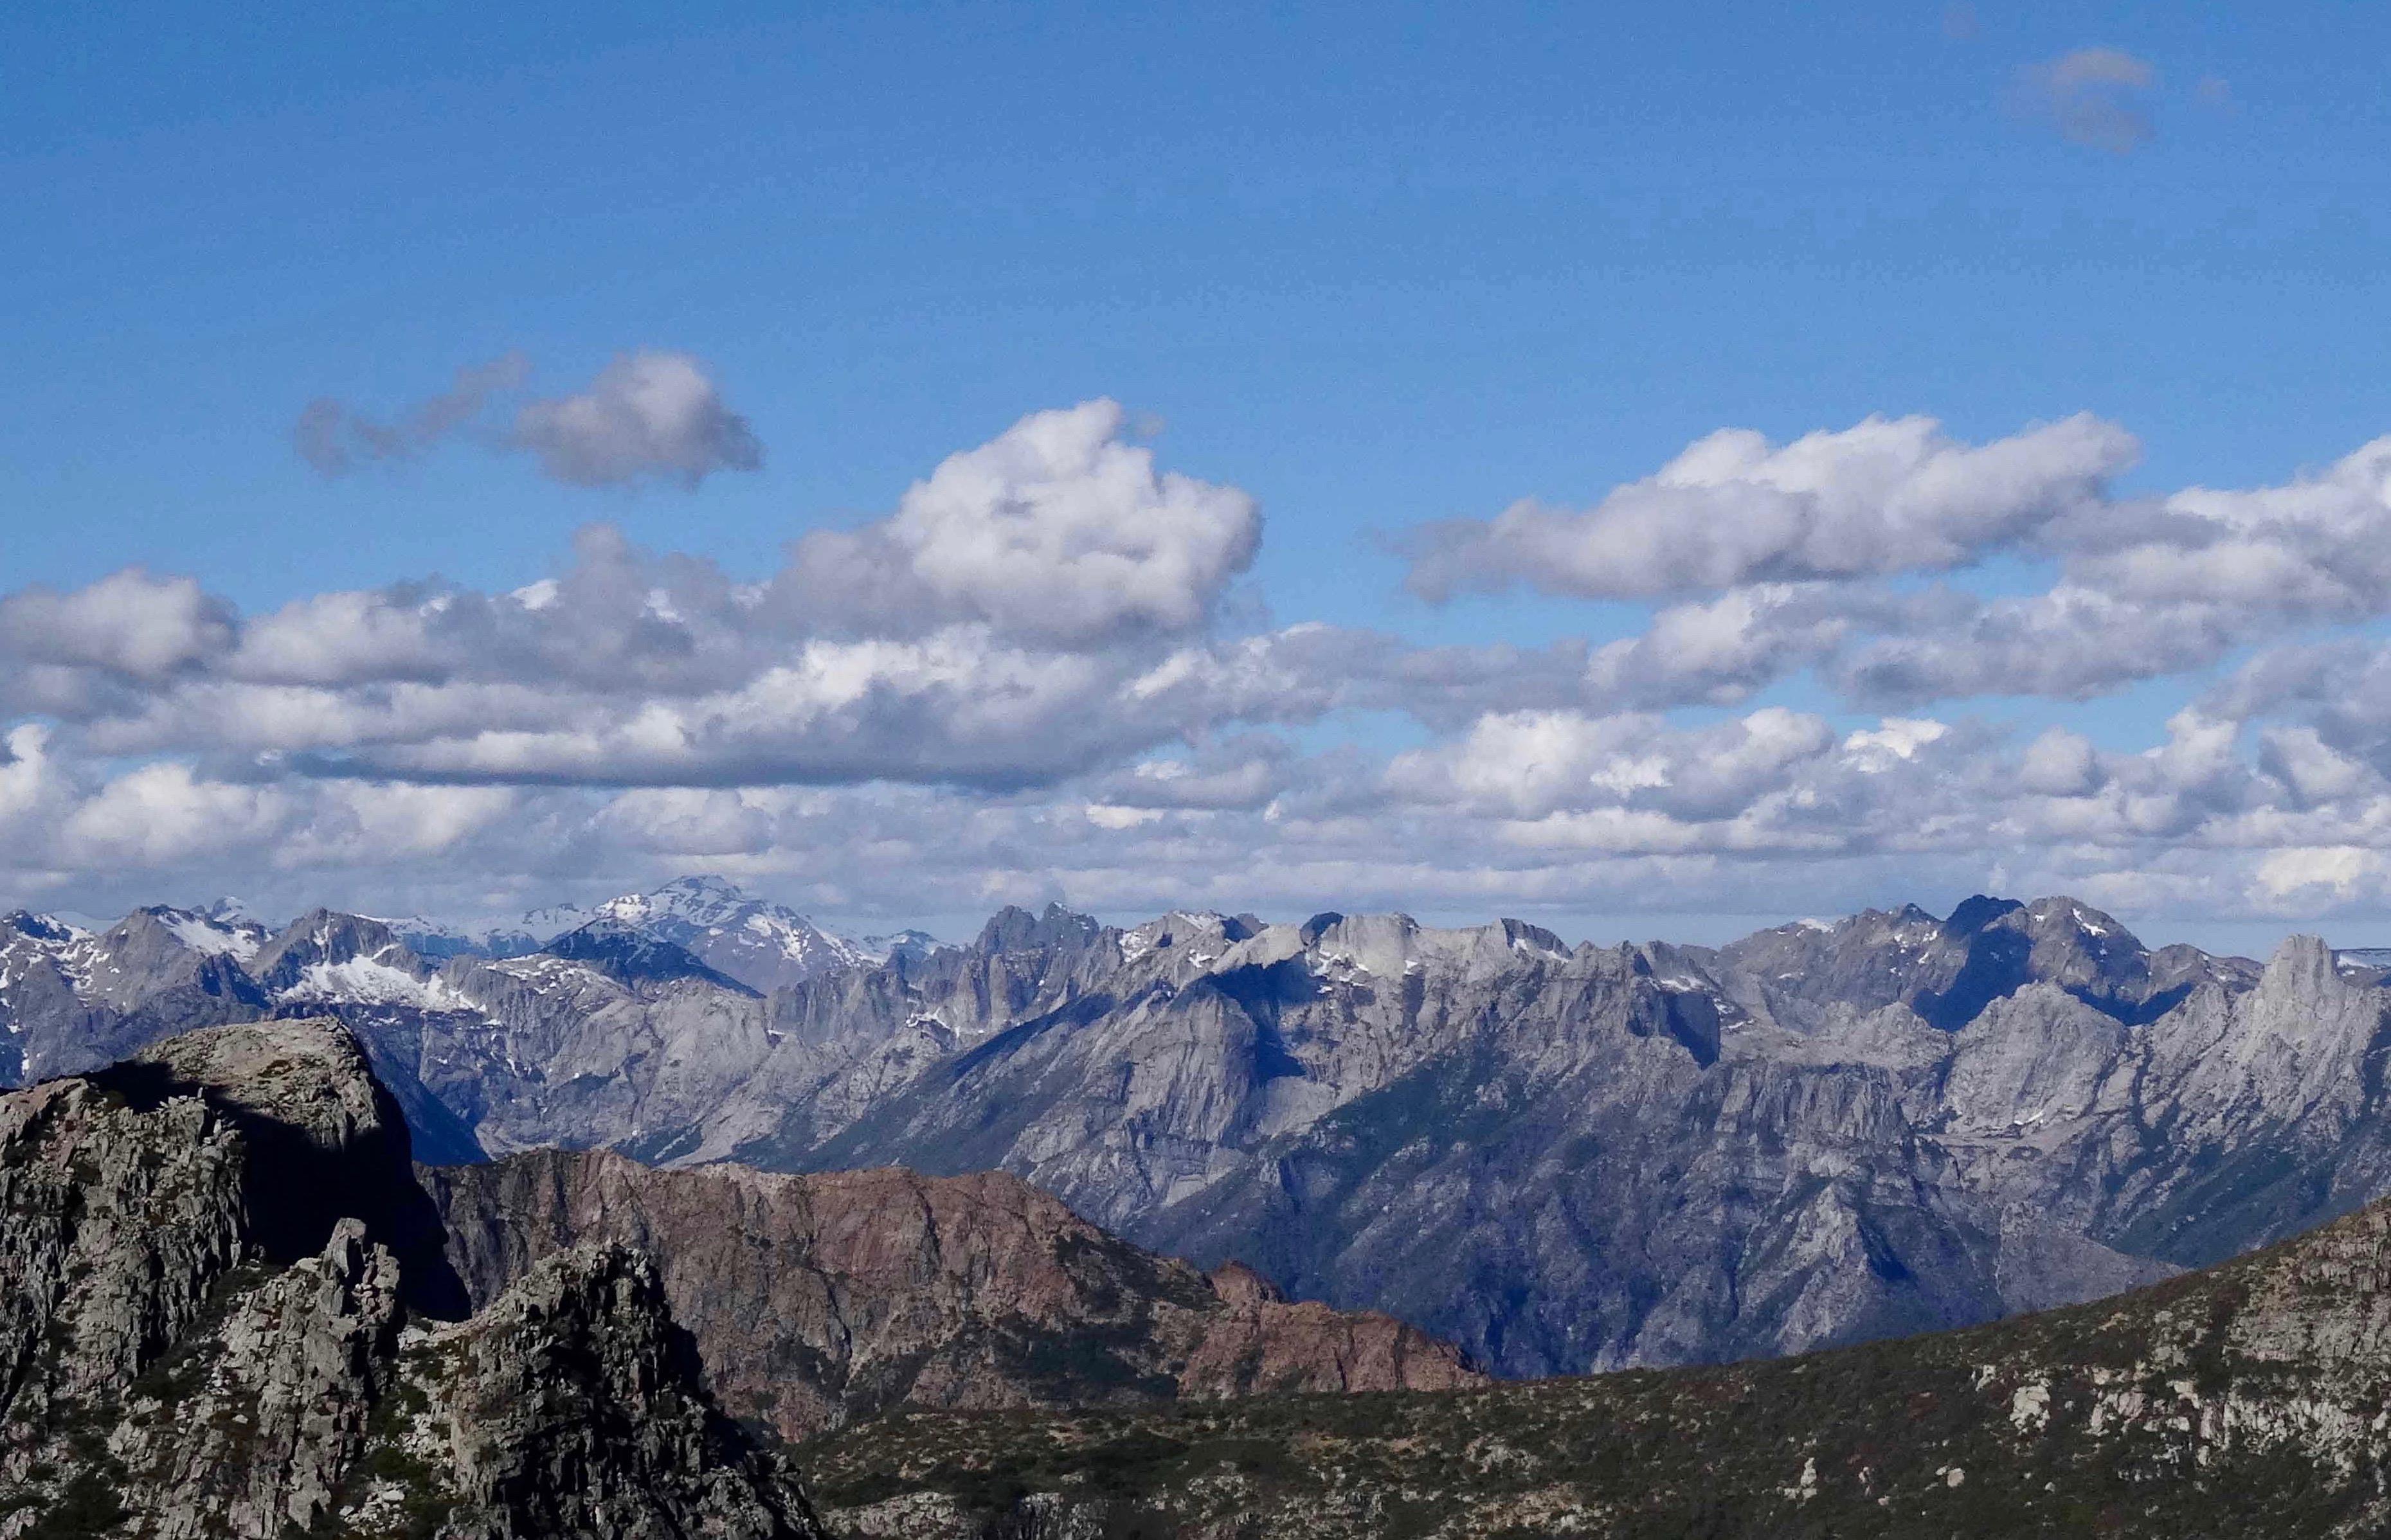 Vista de la Sierra de Huemules desde Malalcura.